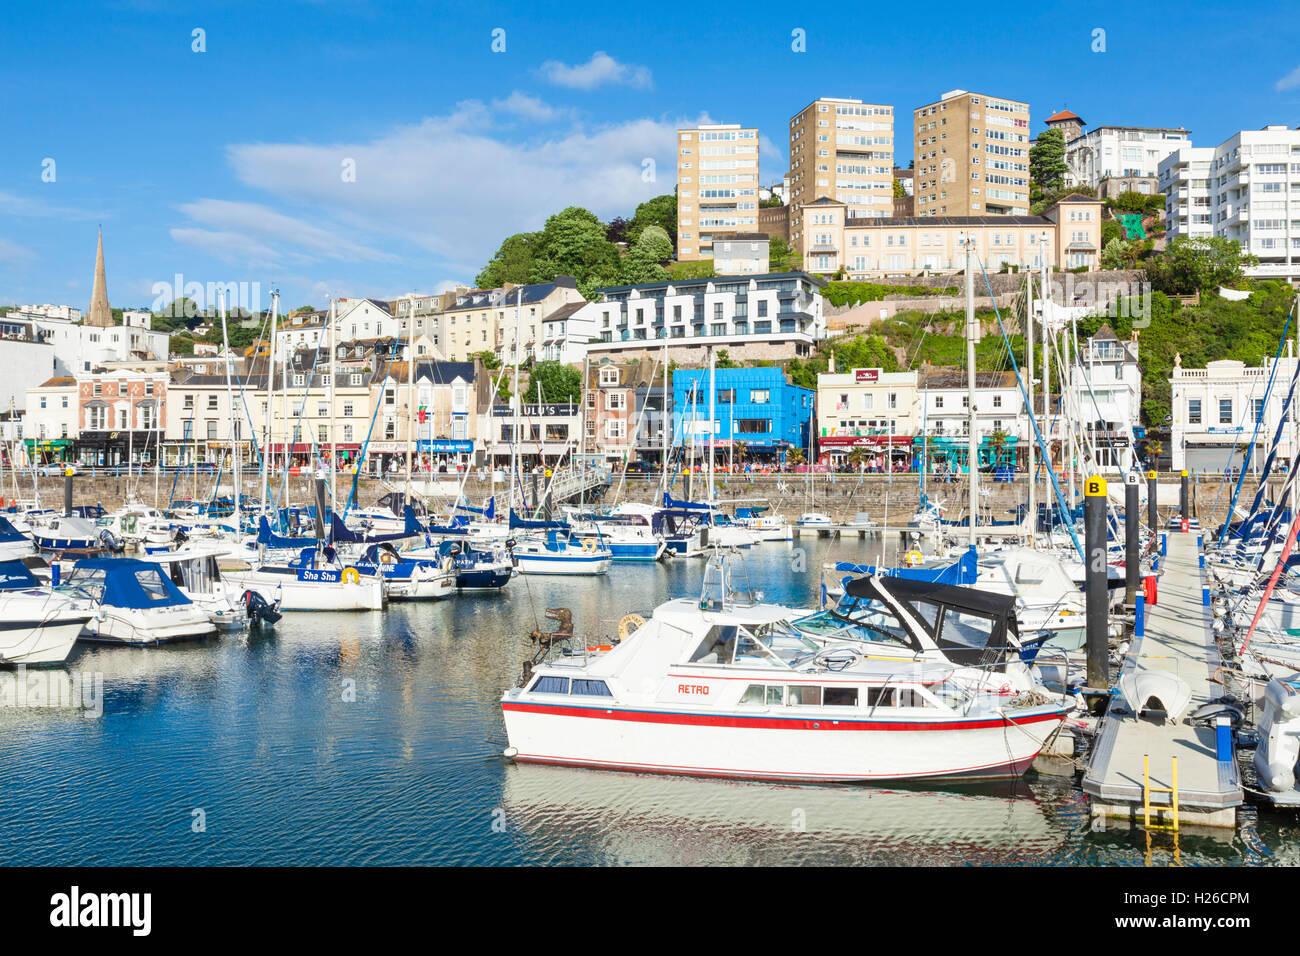 Marina et le port de Torquay Torquay Devon England UK GO Europe EU Photo Stock